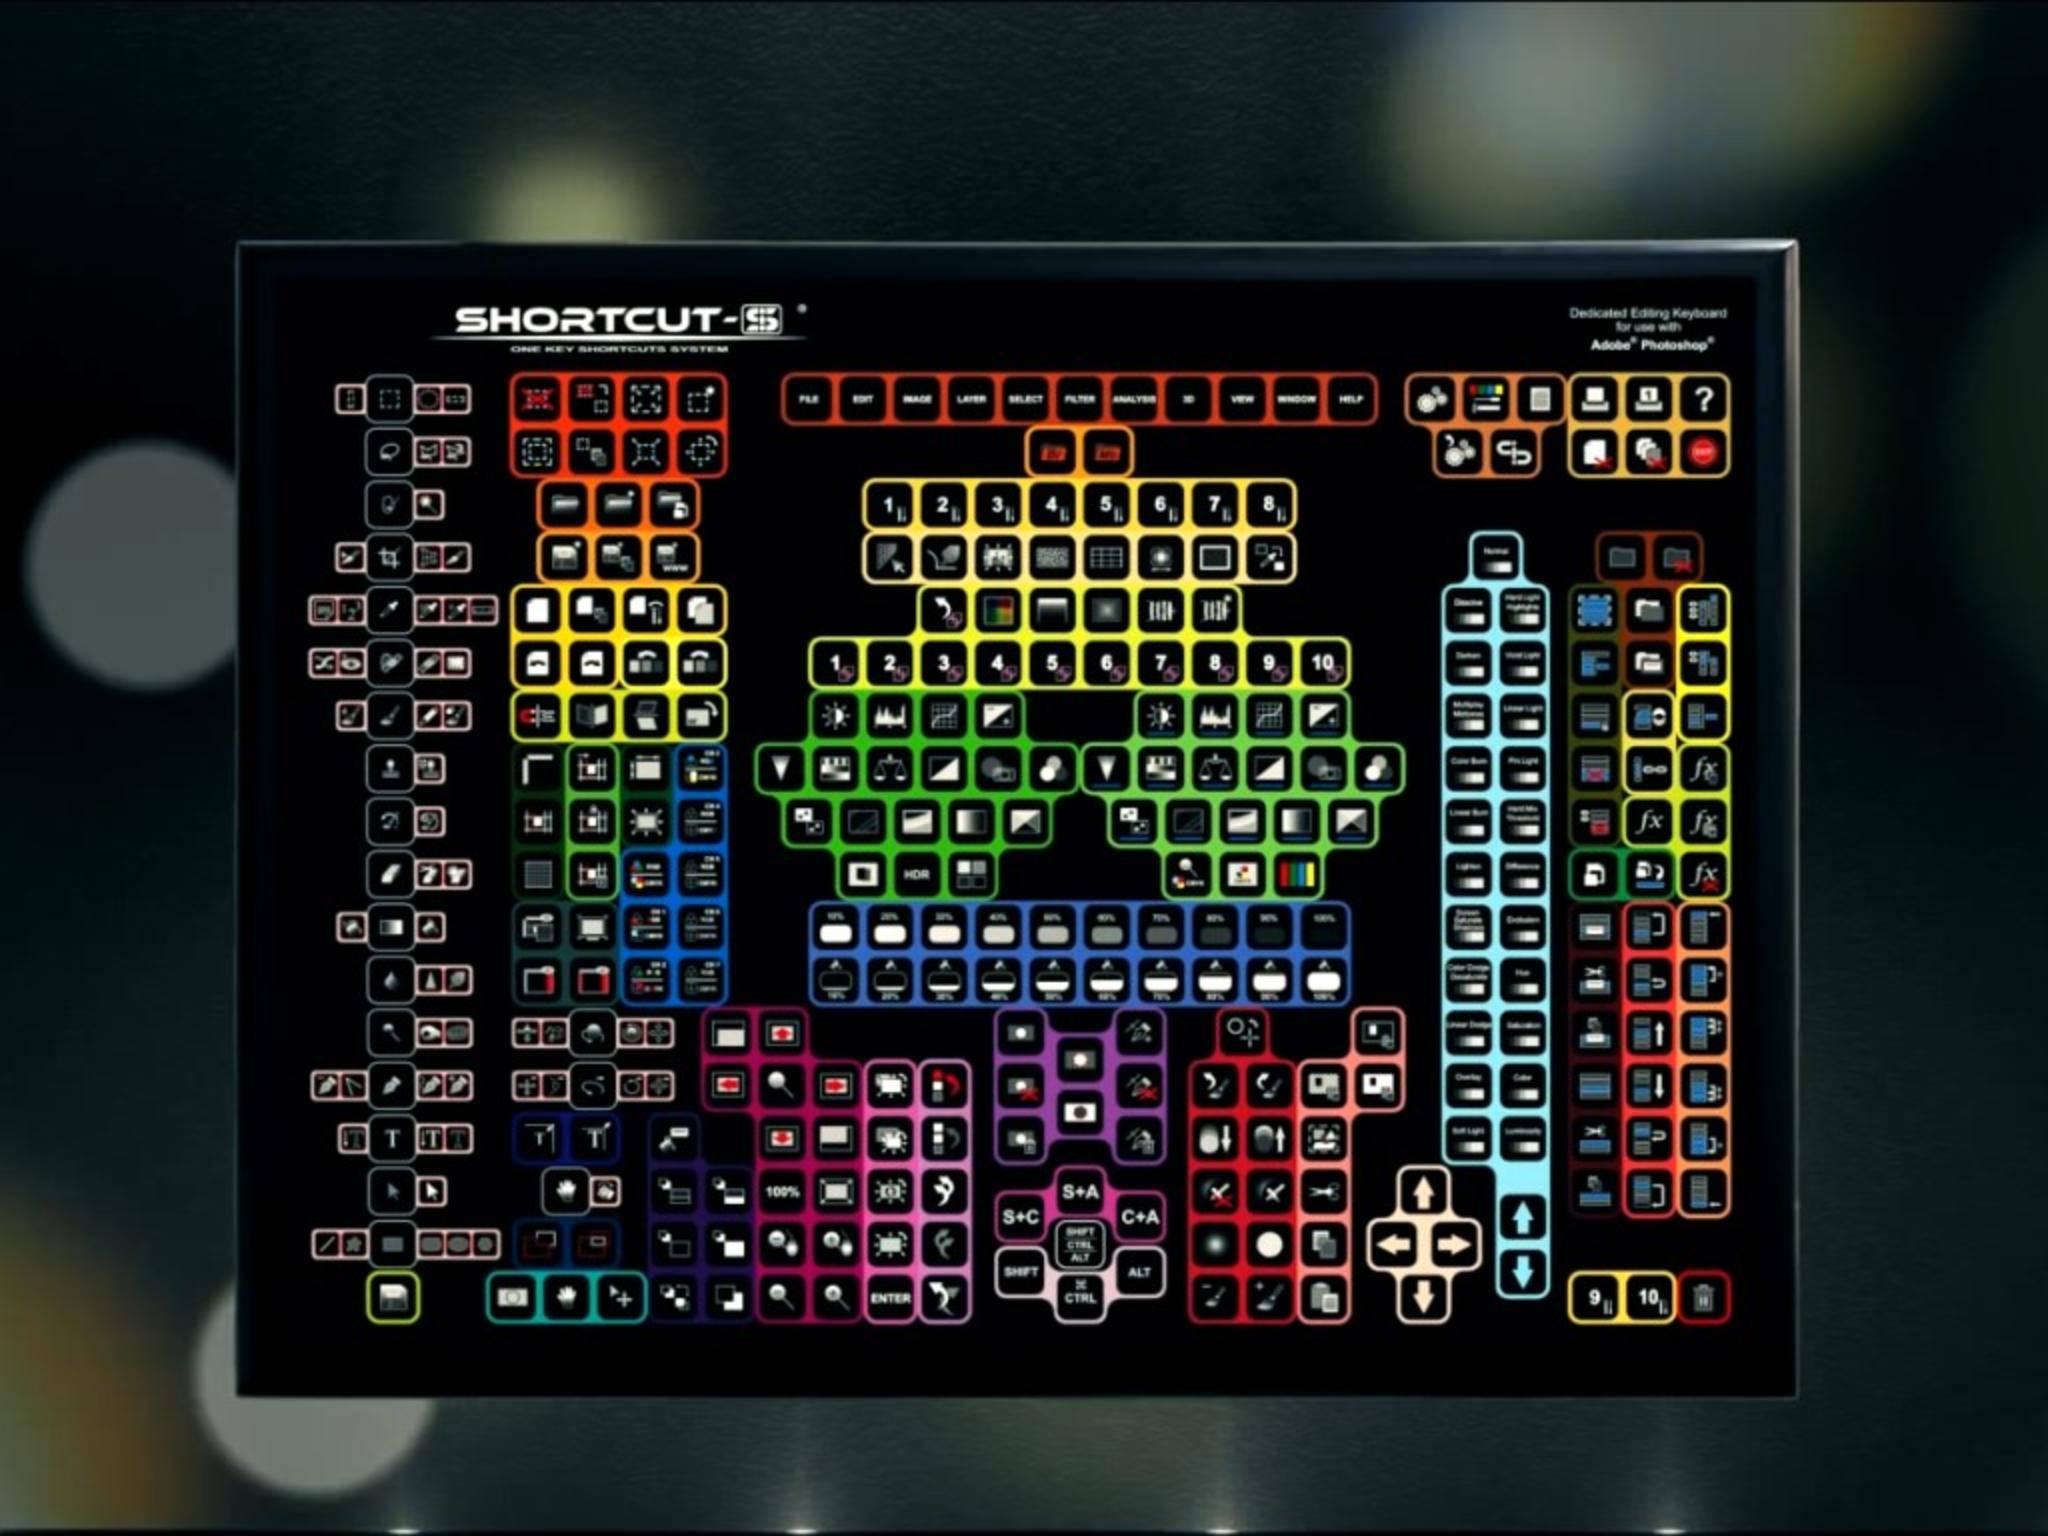 Eine Spezial-Tastatur für Photoshop: die Shortcut-S.